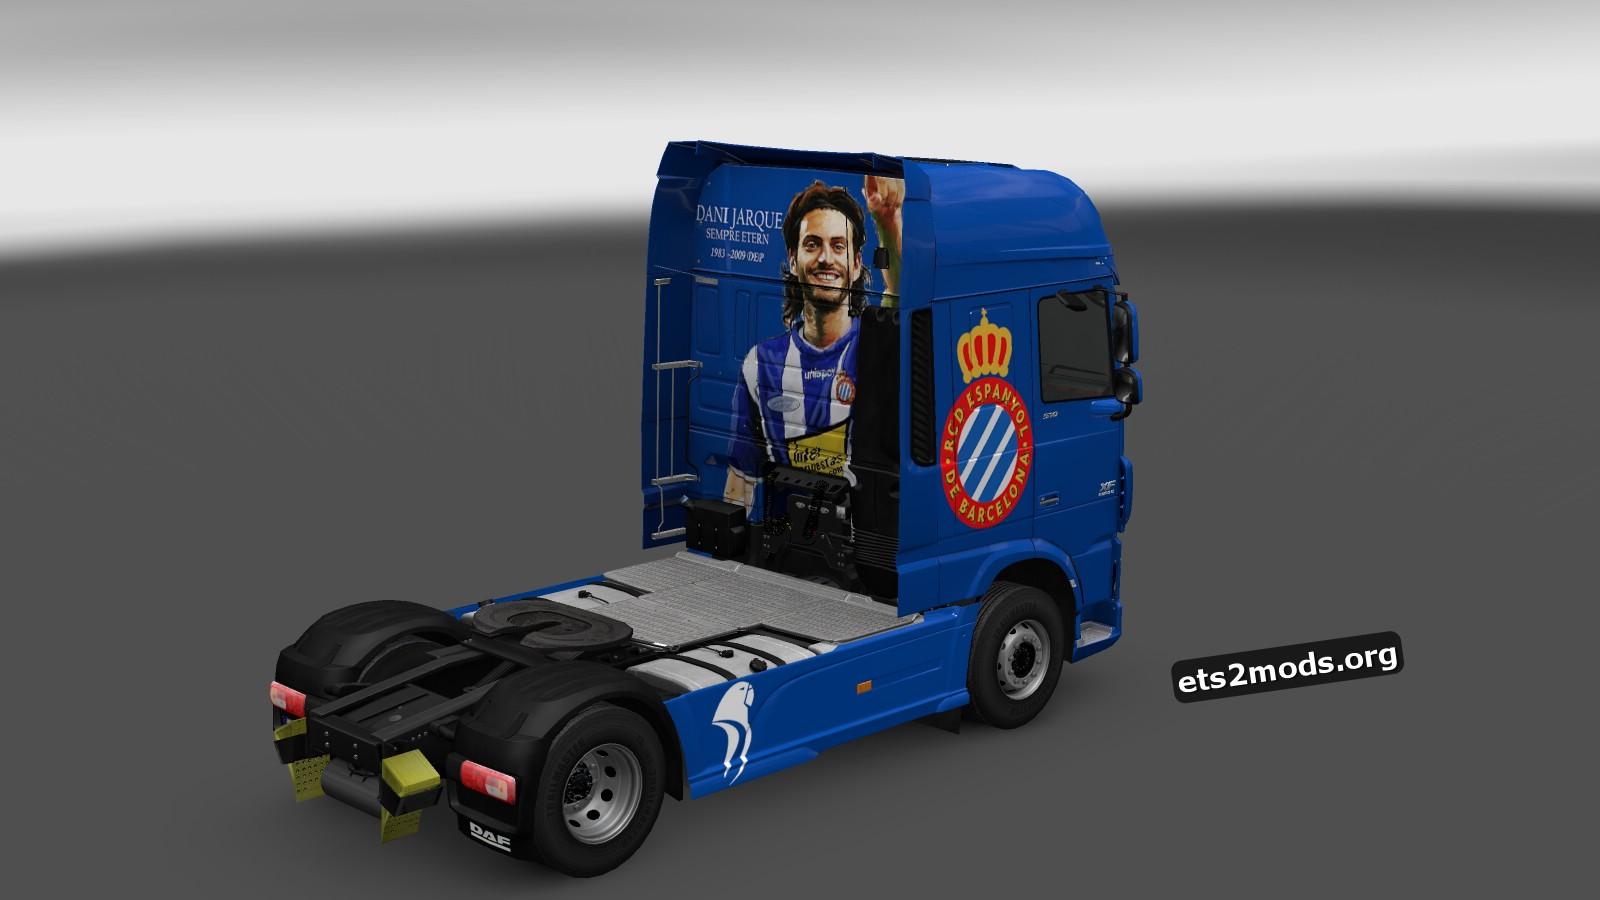 RCD Espanyol FC Skin for DAF Euro 6